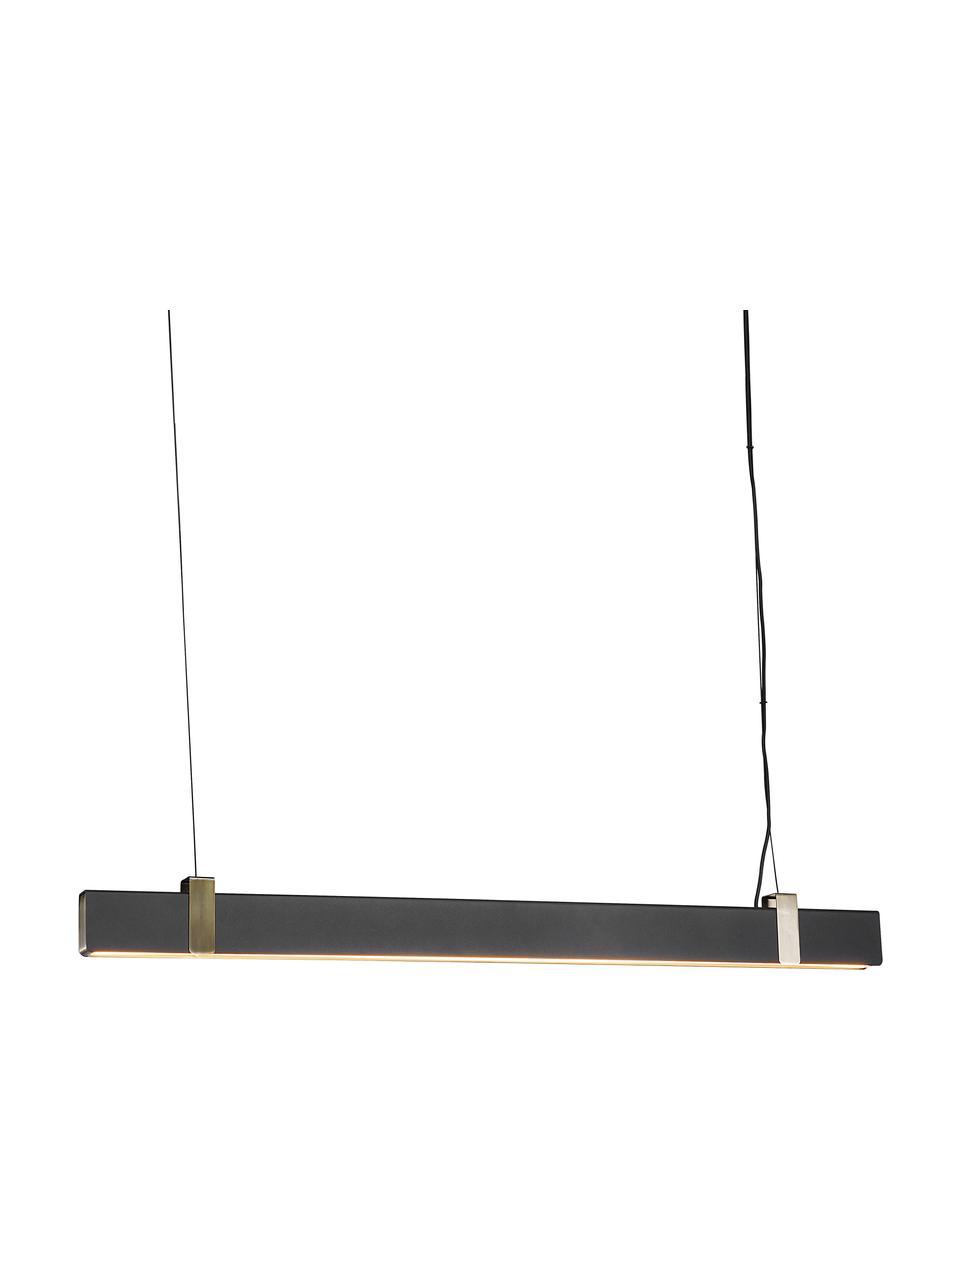 Große Dimmbare LED-Pendelleuchte Lilt, Lampenschirm: Metall, beschichtet, Dekor: Metall, Baldachin: Metall, beschichtet, Schwarz, 115 x 10 cm